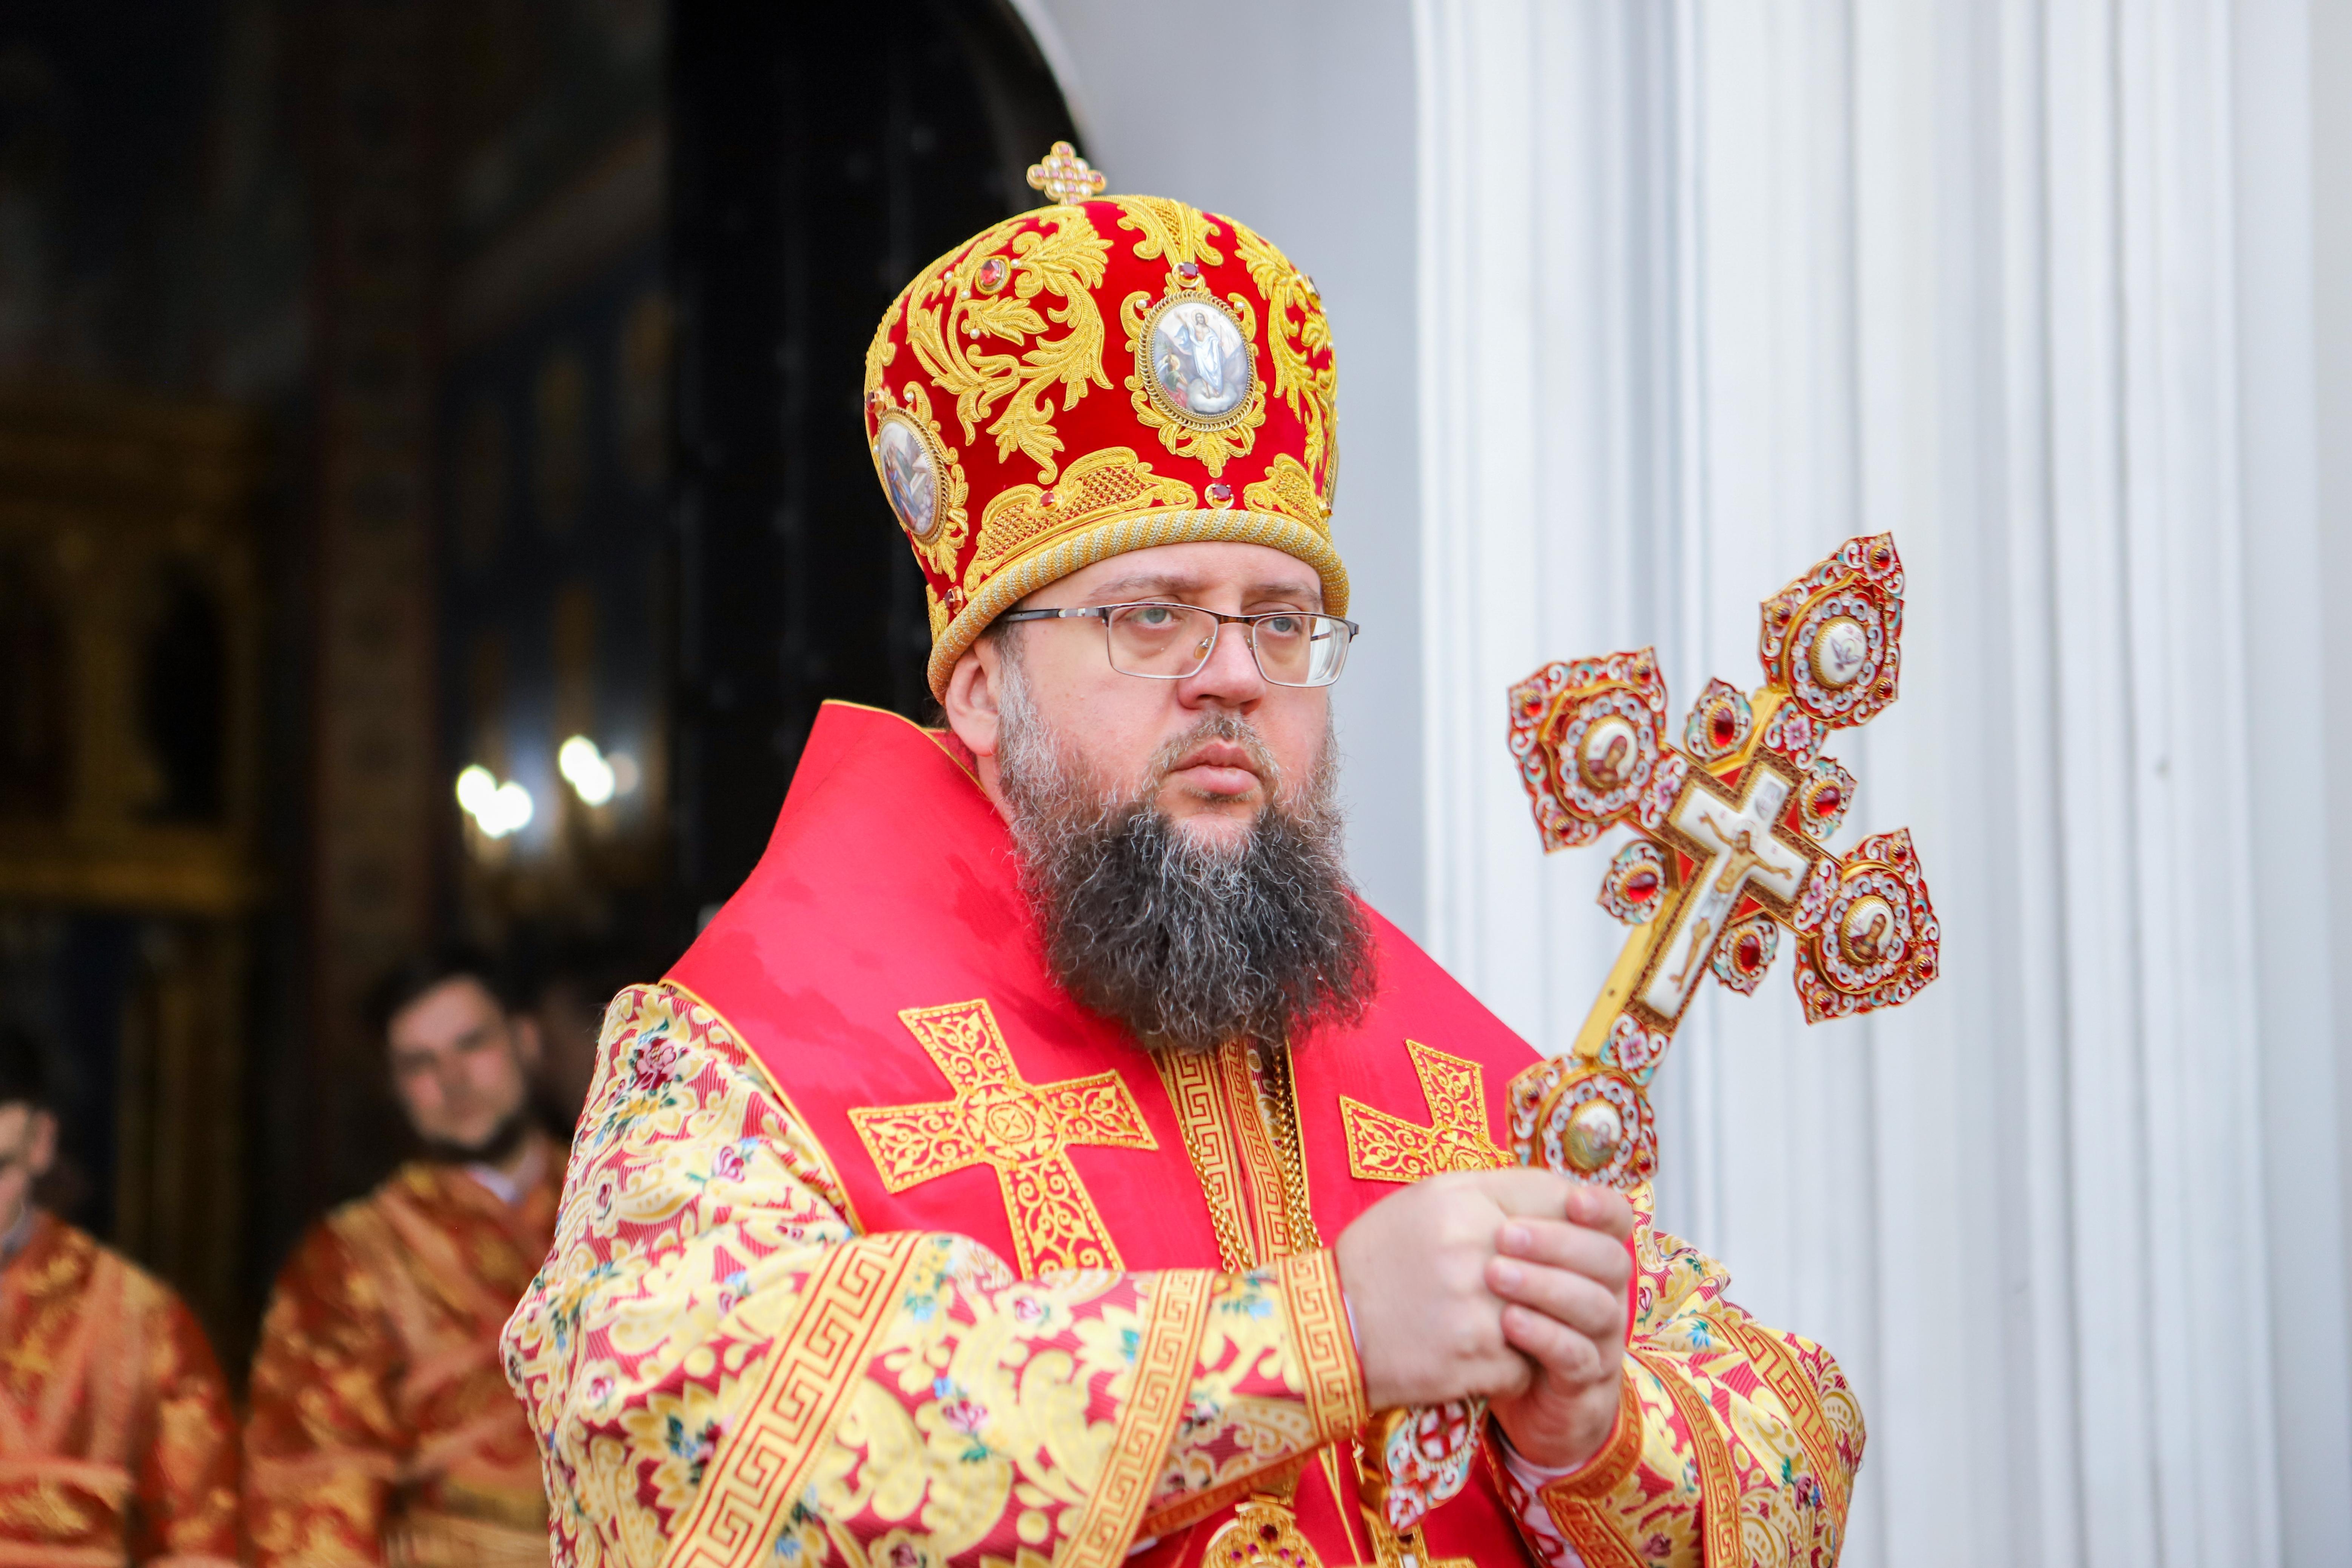 Епископ Сильвестр (Стойчев). «Радоница. Зачем молиться об усопших?»